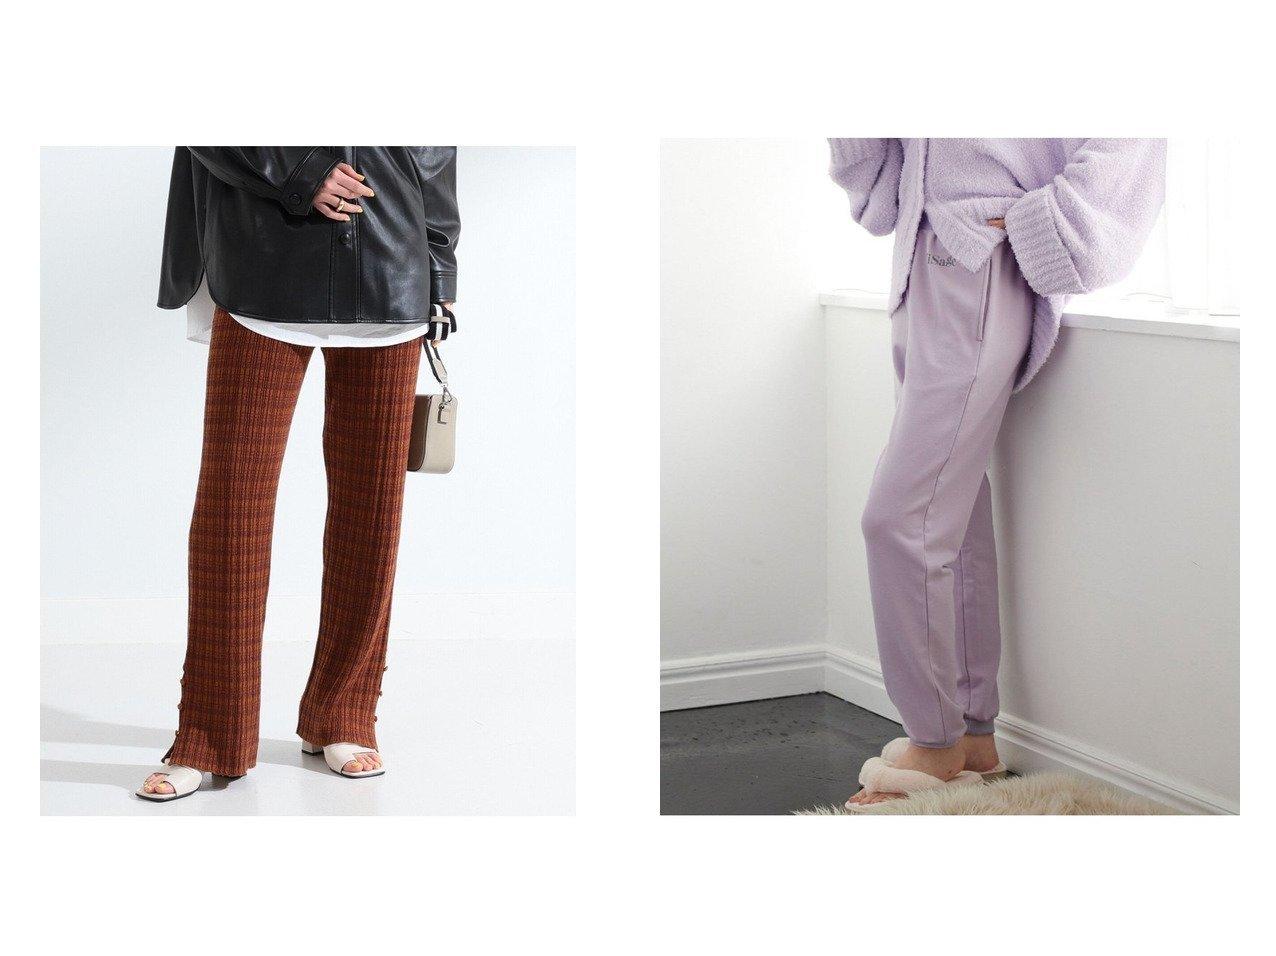 【VIS/ビス】の【ViSage】パウダー裏毛ジョグパンツ&【Ray BEAMS/レイ ビームス】のボーダー リブ ニット パンツ パンツのおすすめ!人気、トレンド・レディースファッションの通販 おすすめで人気の流行・トレンド、ファッションの通販商品 メンズファッション・キッズファッション・インテリア・家具・レディースファッション・服の通販 founy(ファニー) https://founy.com/ ファッション Fashion レディースファッション WOMEN パンツ Pants NEW・新作・新着・新入荷 New Arrivals ジーンズ パウダー ラベンダー リアル リラックス ボーダー ランダム 再入荷 Restock/Back in Stock/Re Arrival |ID:crp329100000011717